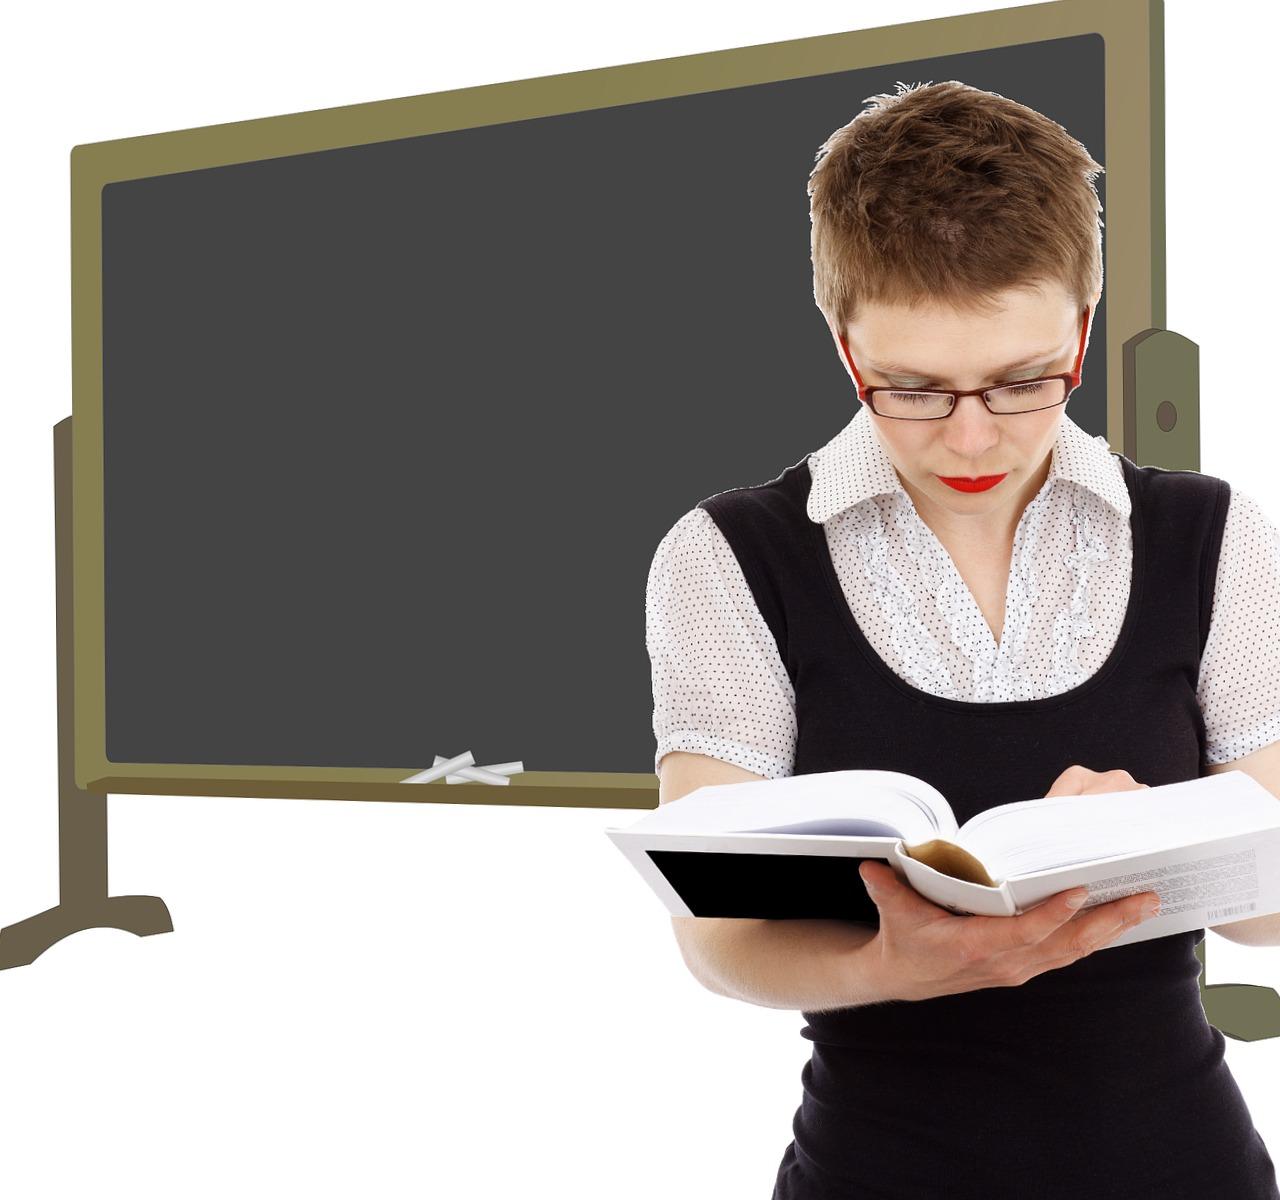 cuanto cobra un profesor